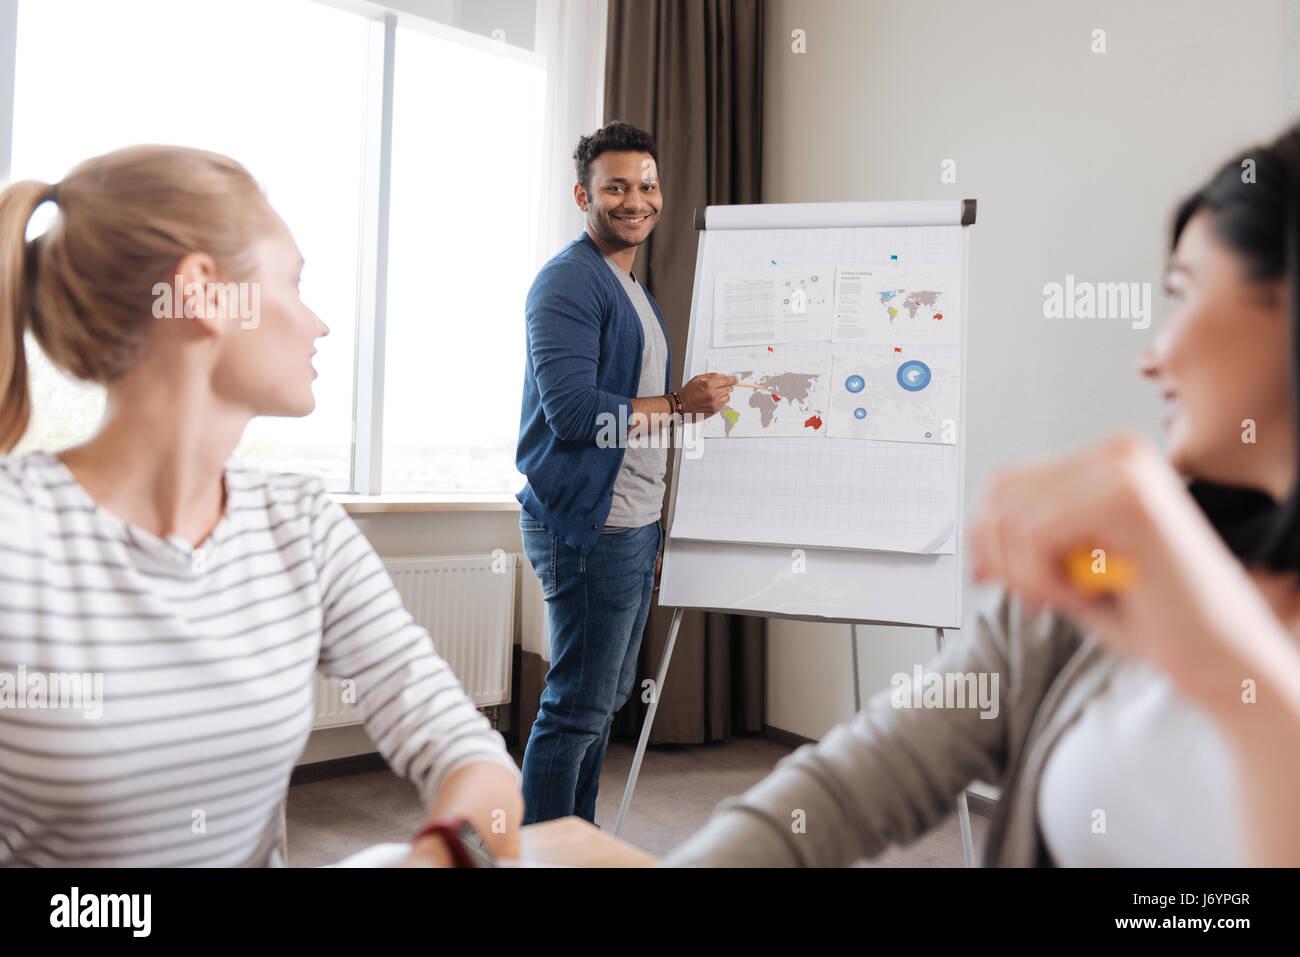 Positiv erfreut Mann seine Kollegen betrachten Stockbild